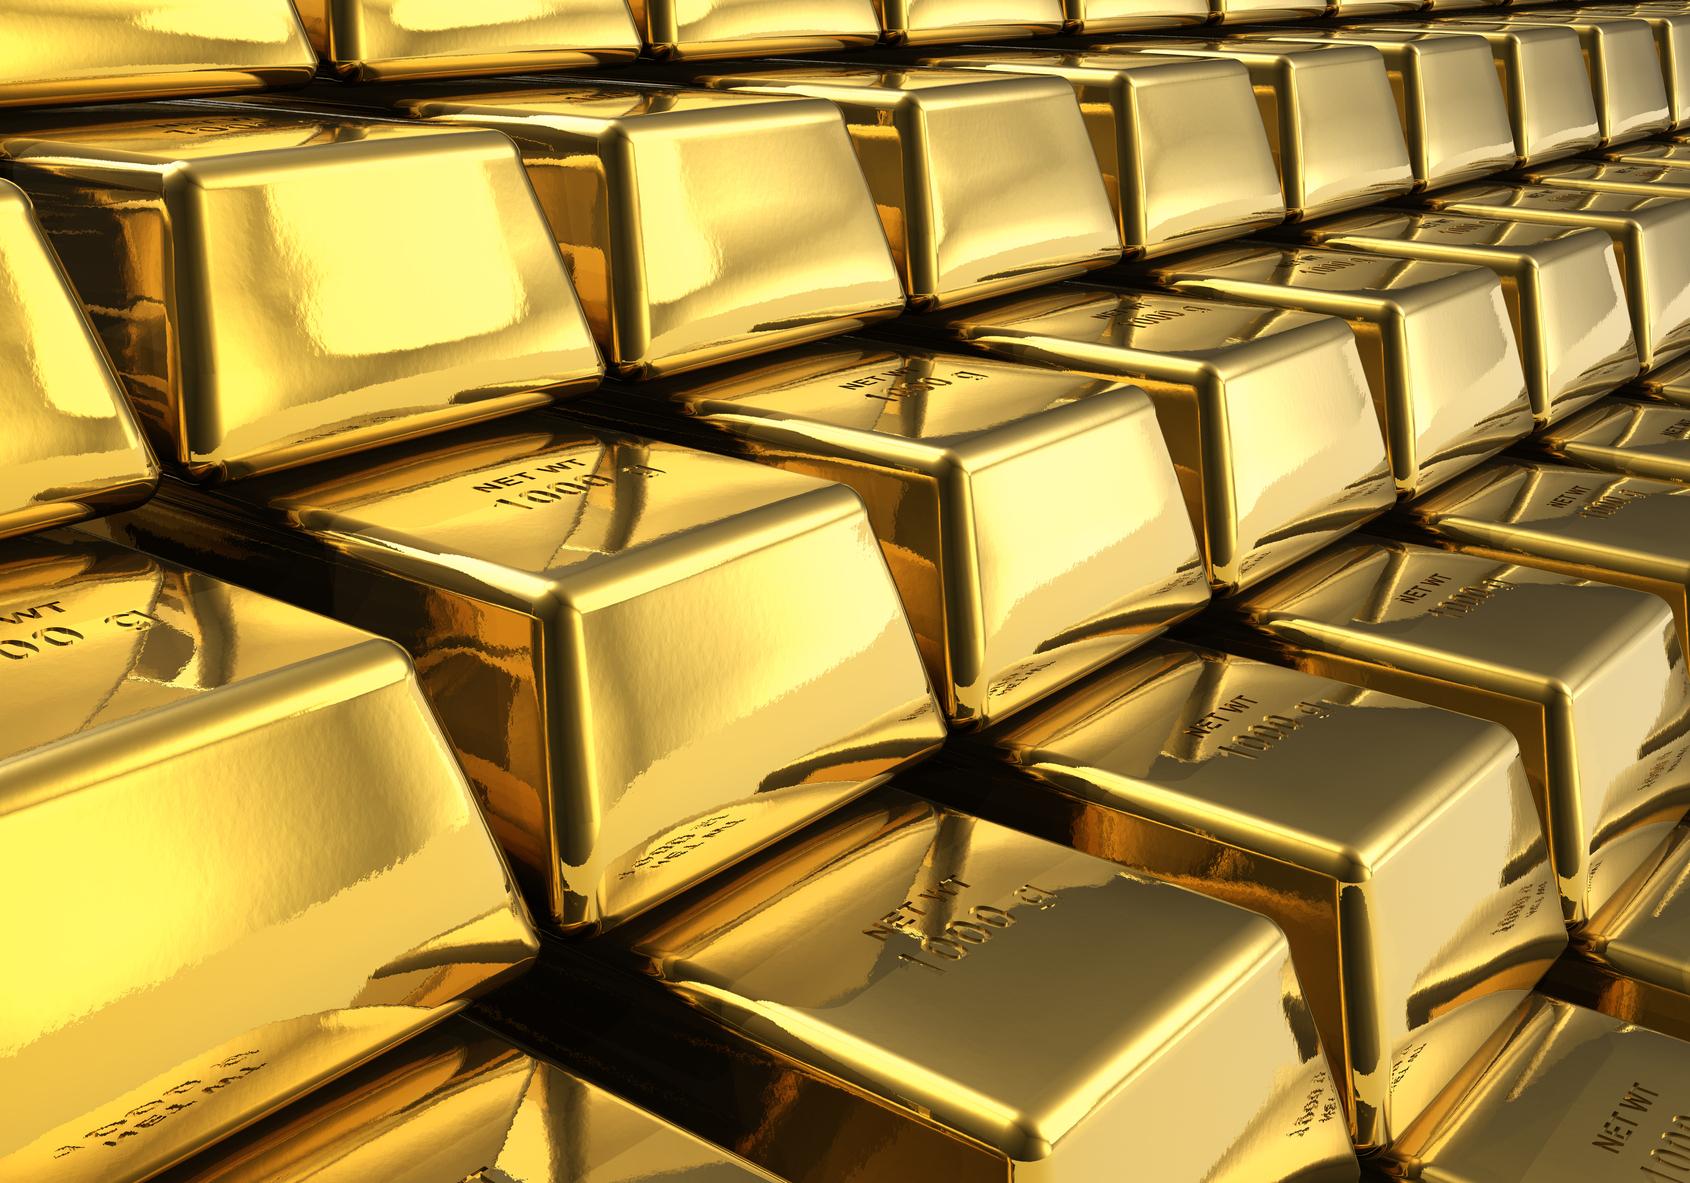 El precio del oro se cotiza en su apertura en 1,109 dólares por onzas, con una pérdida de 2.72% respecto al precio del viernes.